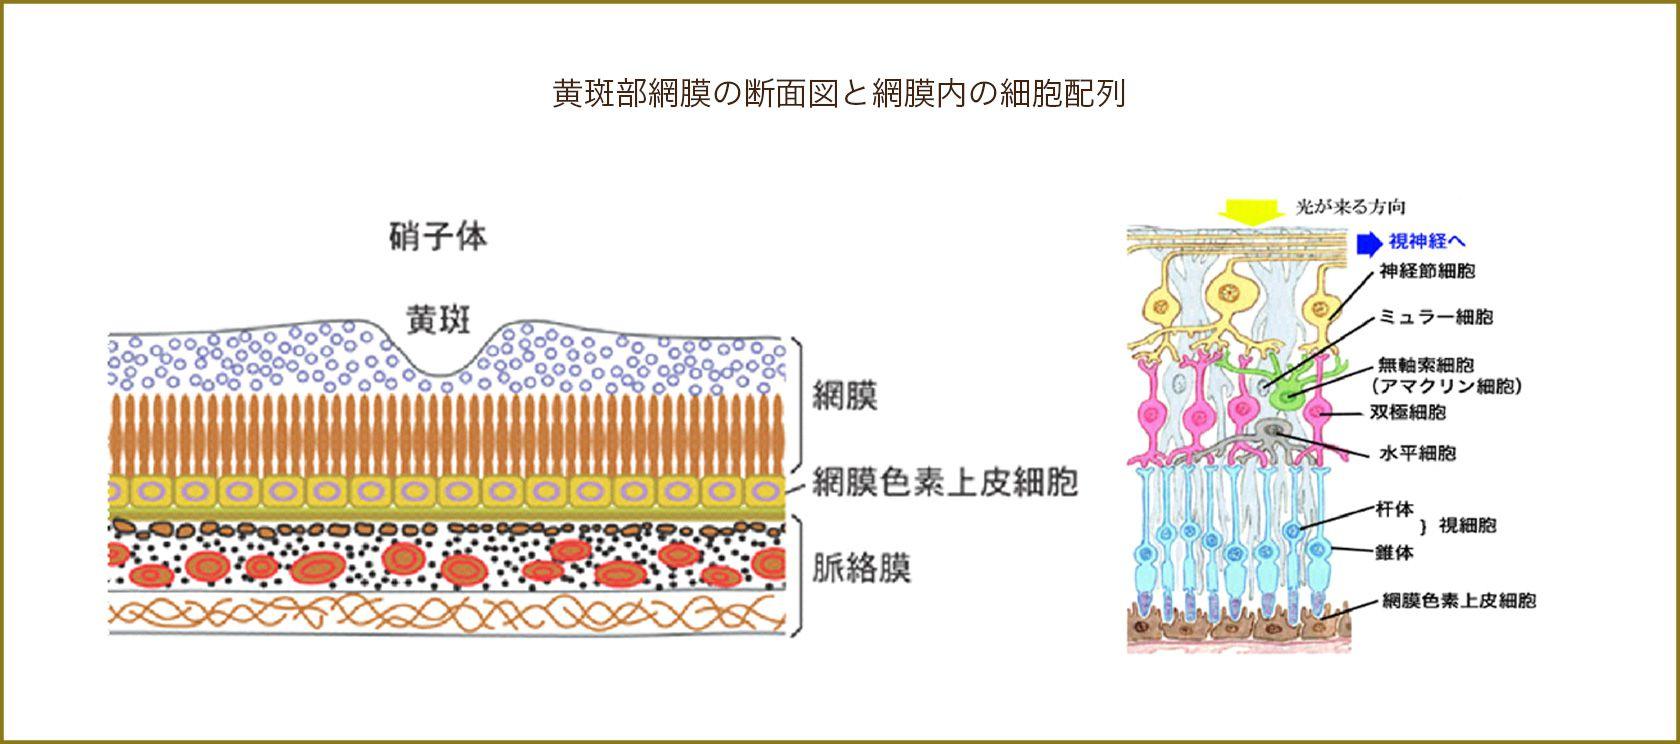 黄斑部網膜の断面図と網膜内の細胞配列